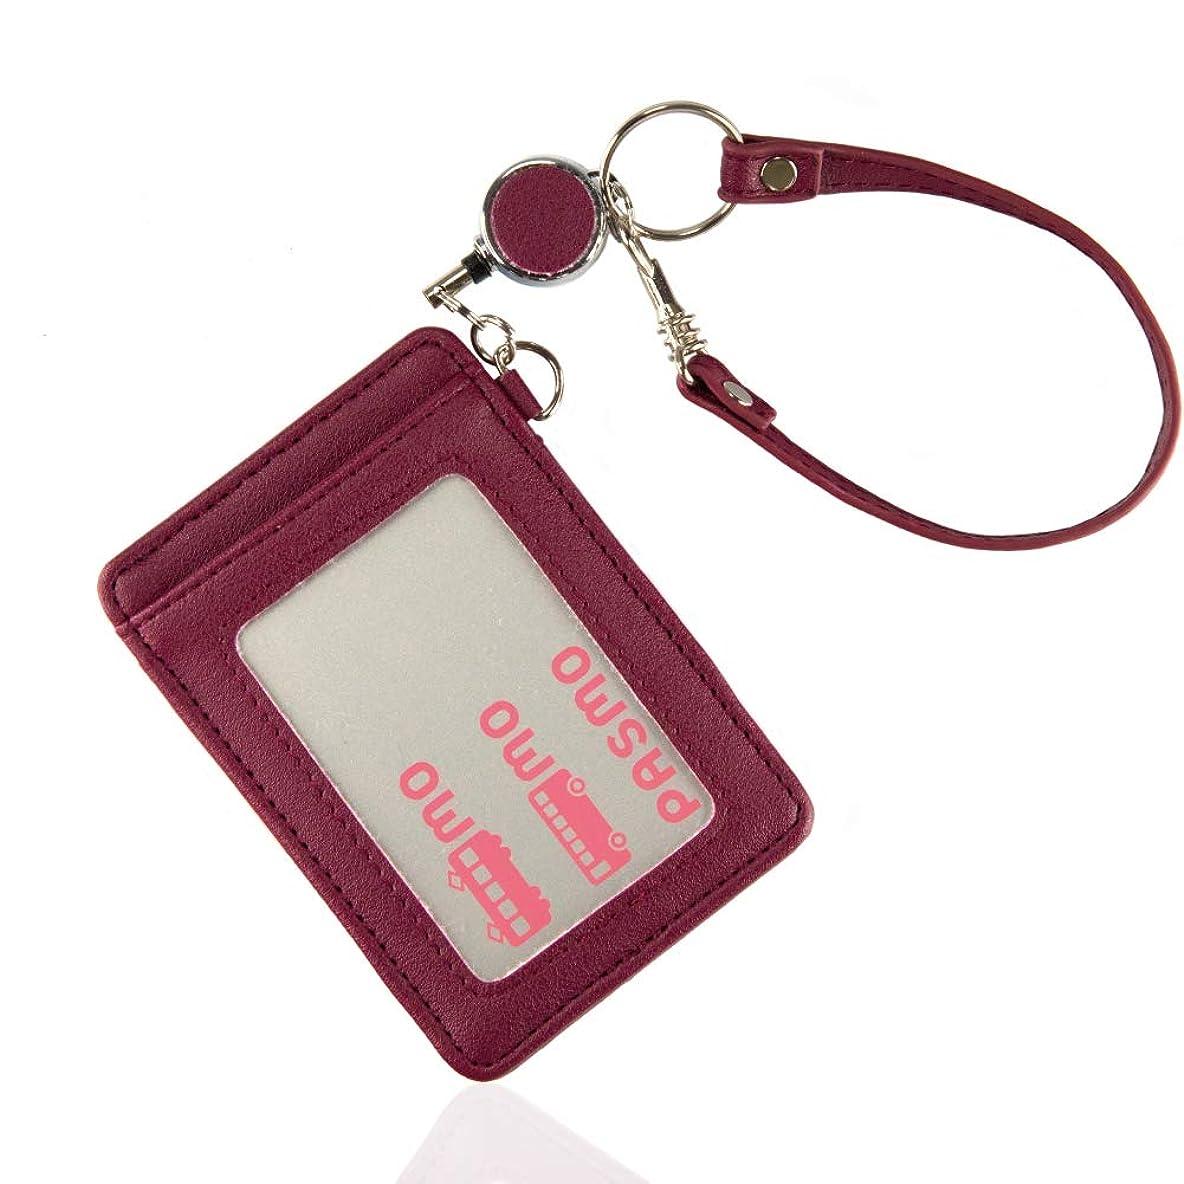 効果的にハンカチスリップ[Trelia] リール付き 定期入れ パスケース PU レザー 薄型 スリム 両面 カードケース メンズ レディース